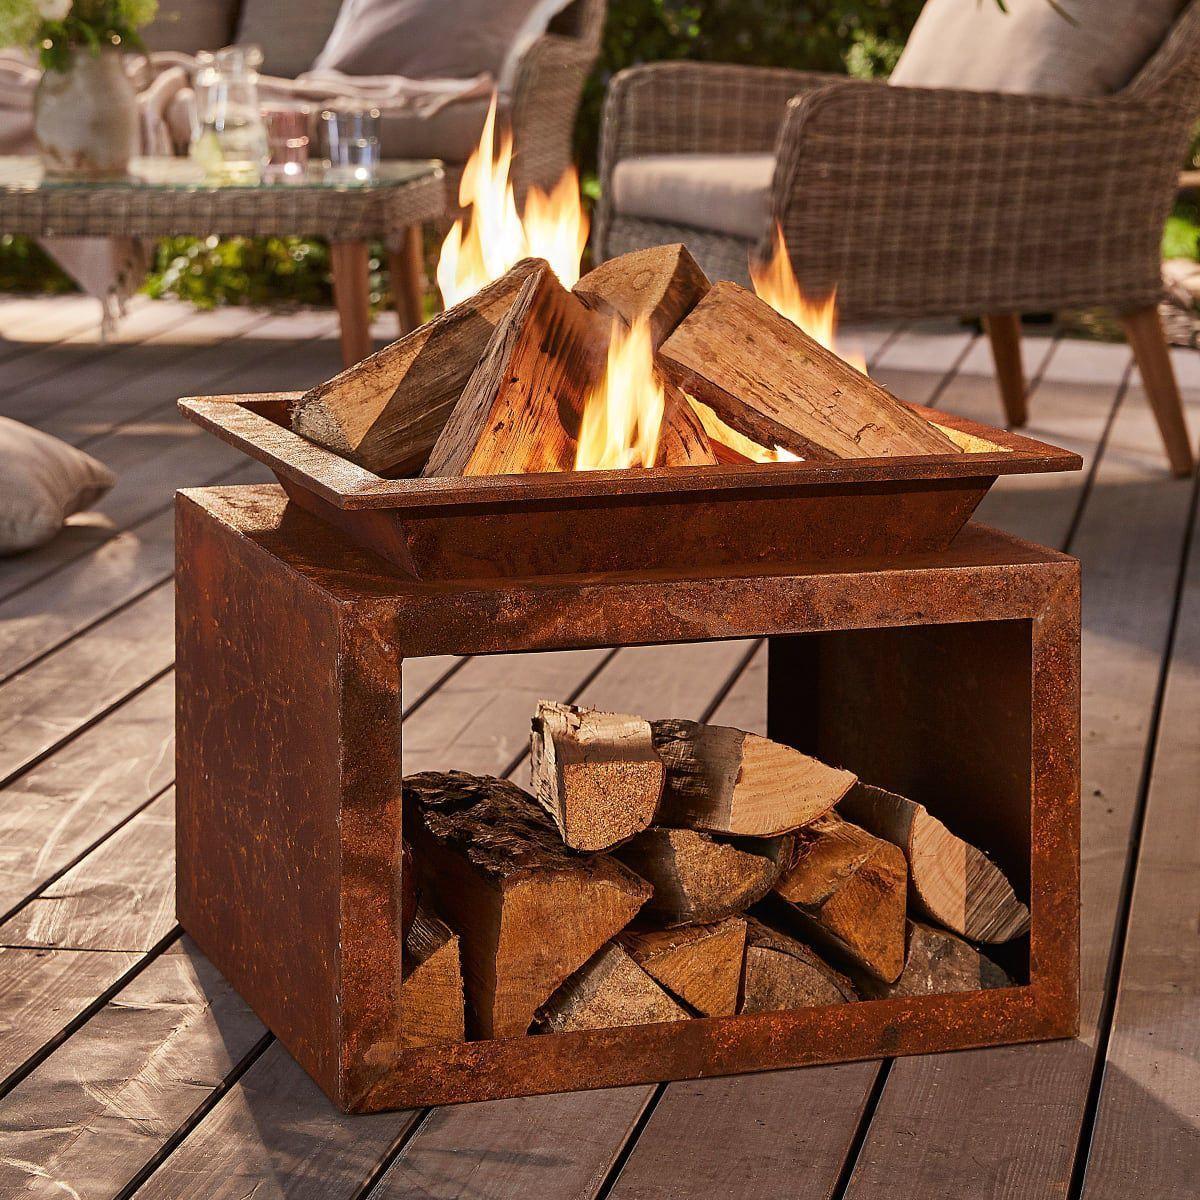 Feuerschale Twice Rost Metallyorn Home Feuerschale Twice Rost Metall Feuerschale Feuerschale Rost Feuer